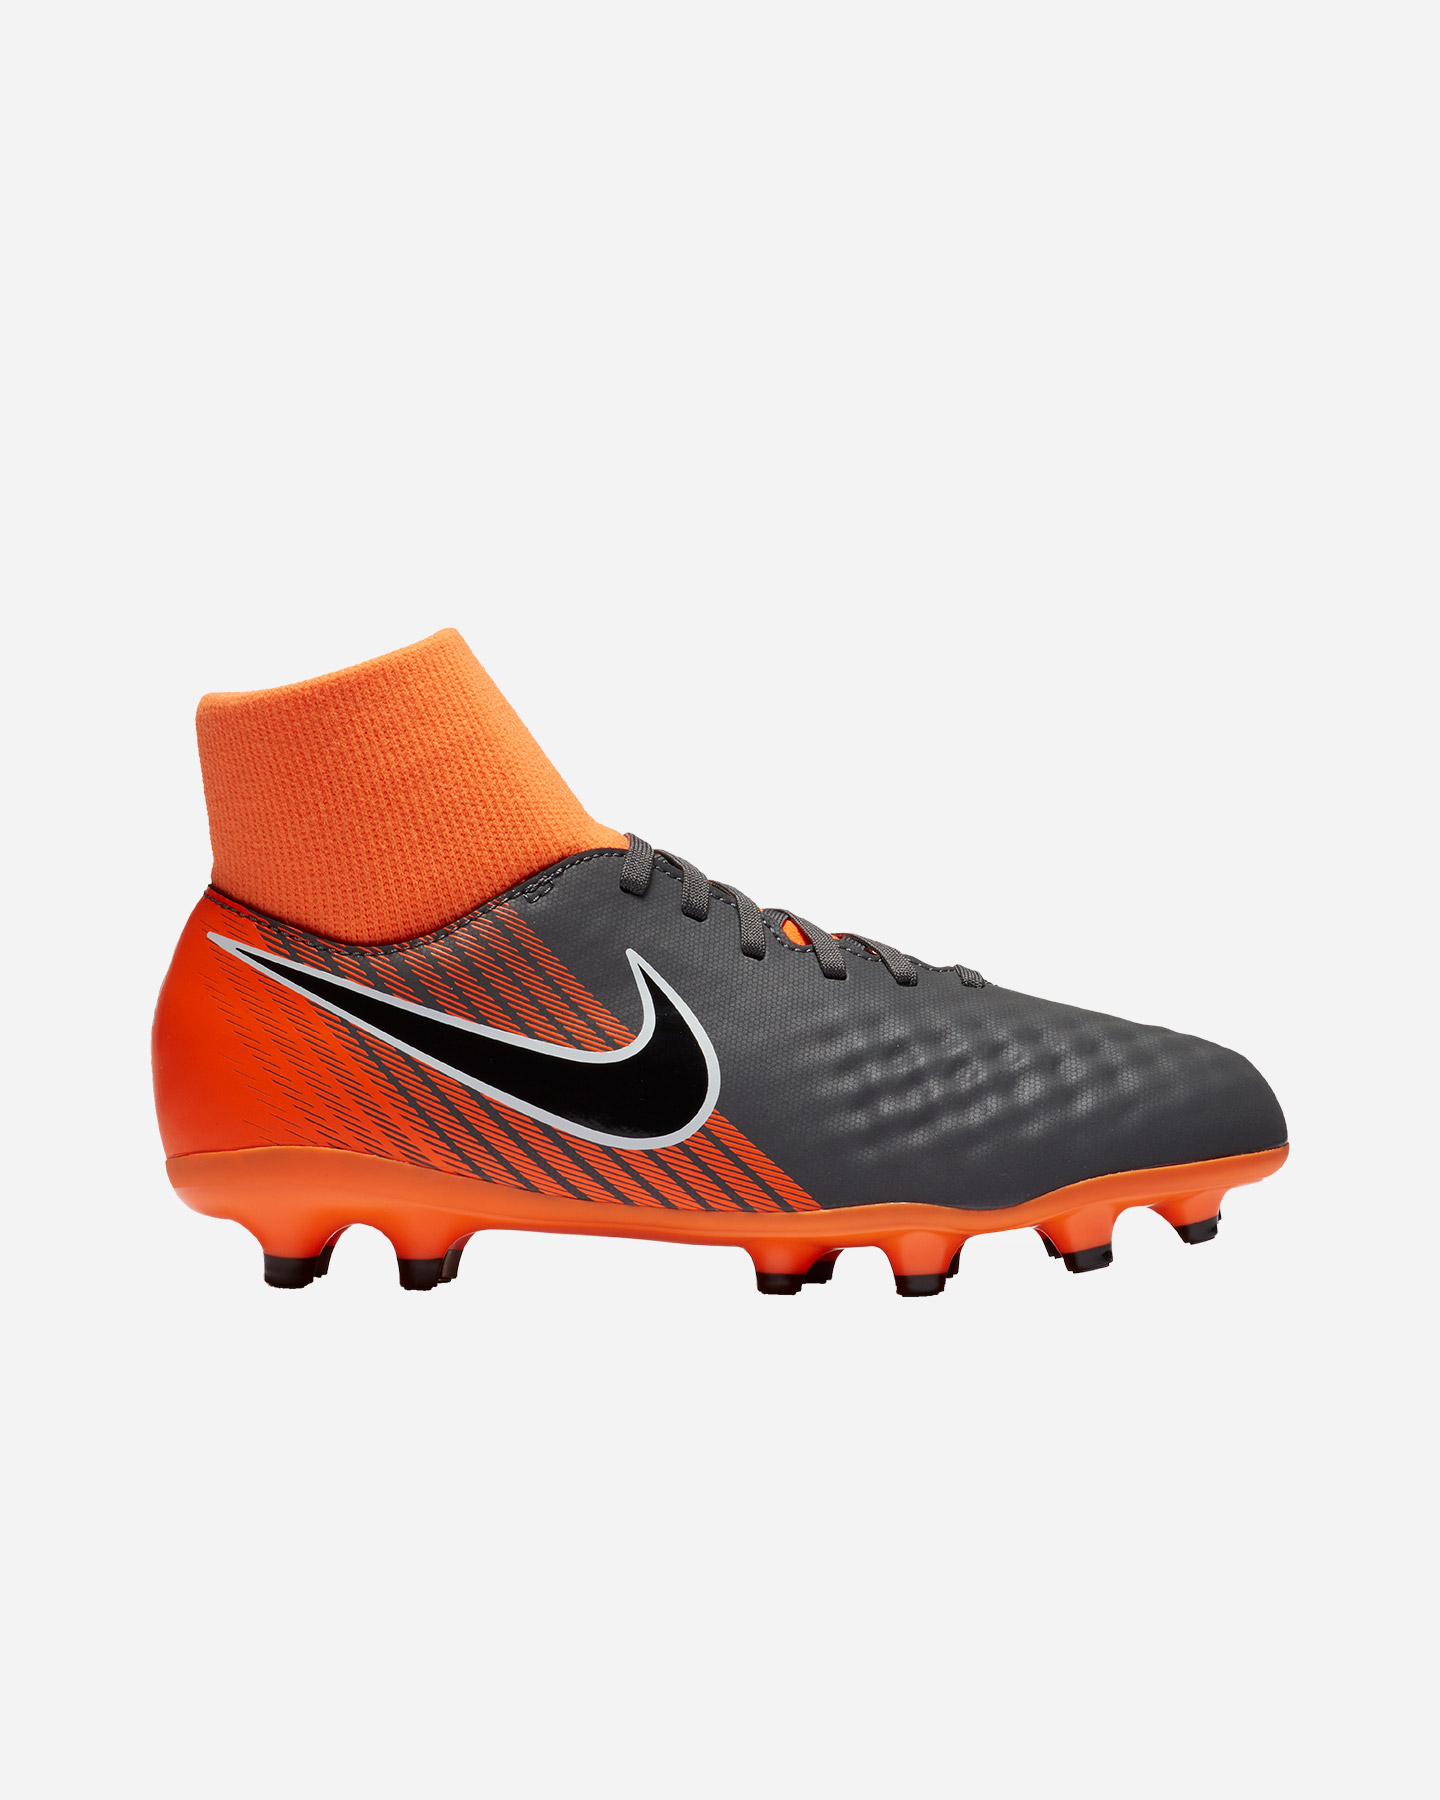 732855399 Scarpe Calcio Nike Magista Obra 2 Academy Df Fg Jr AH7313-080 ...